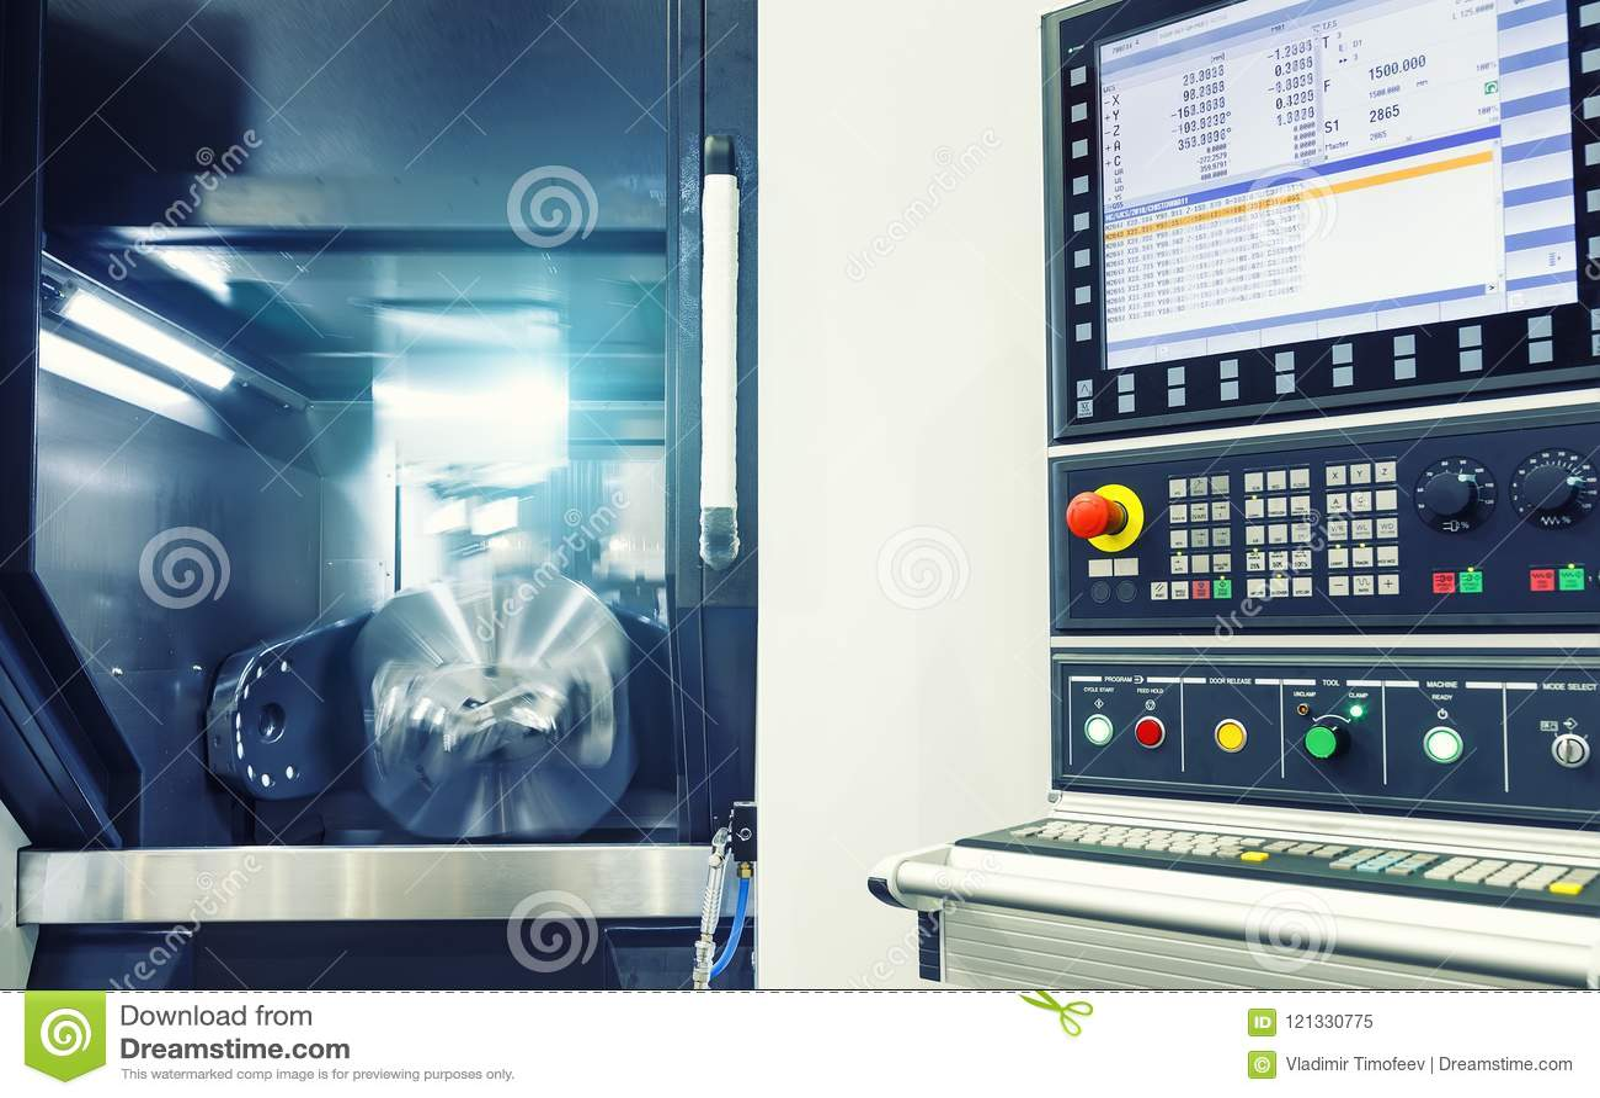 Maskin för MetalworkingCNC-malning Modern bearbeta teknologi för bitande metall Litet djup av sätter in Autentisk varning -